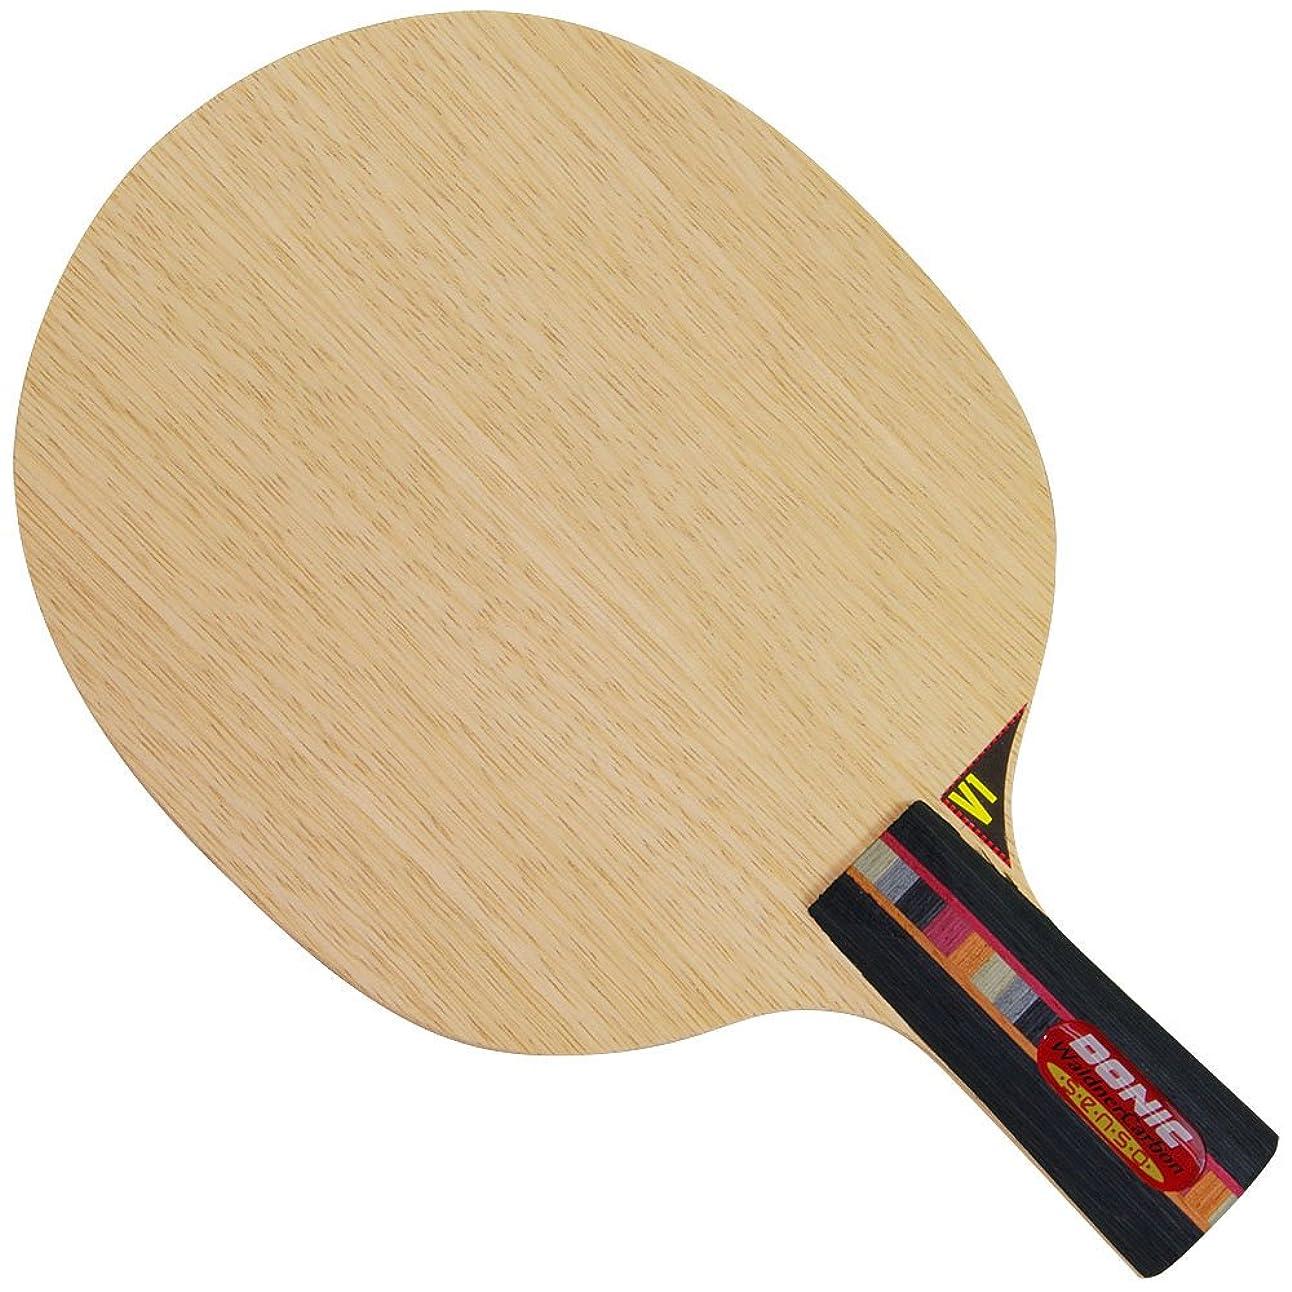 社会抹消スナックDONIC(ドニック) 卓球 ラケット ワルドナー センゾー カーボン 中国式タイプ BL014CHN